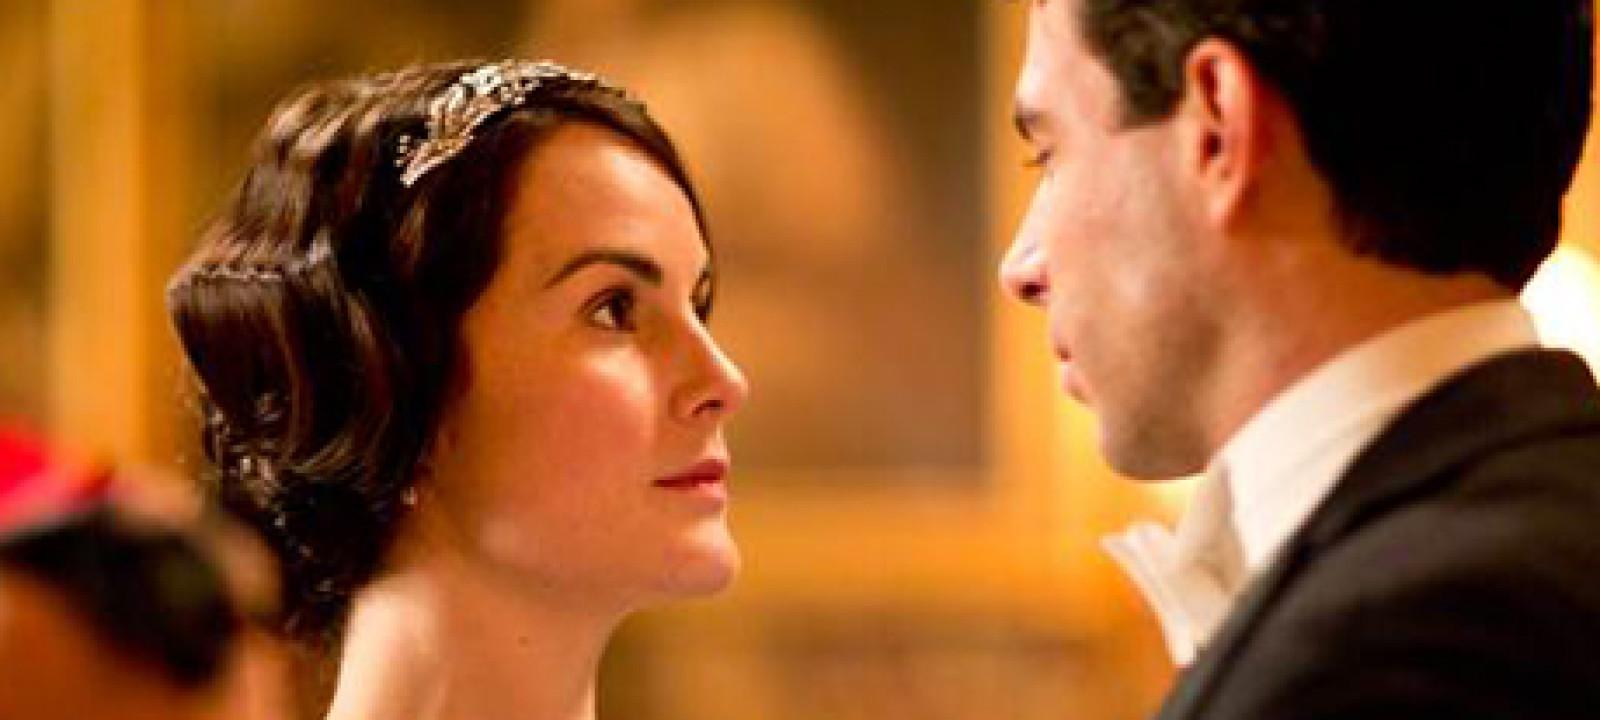 Downton Abbey Episode Three